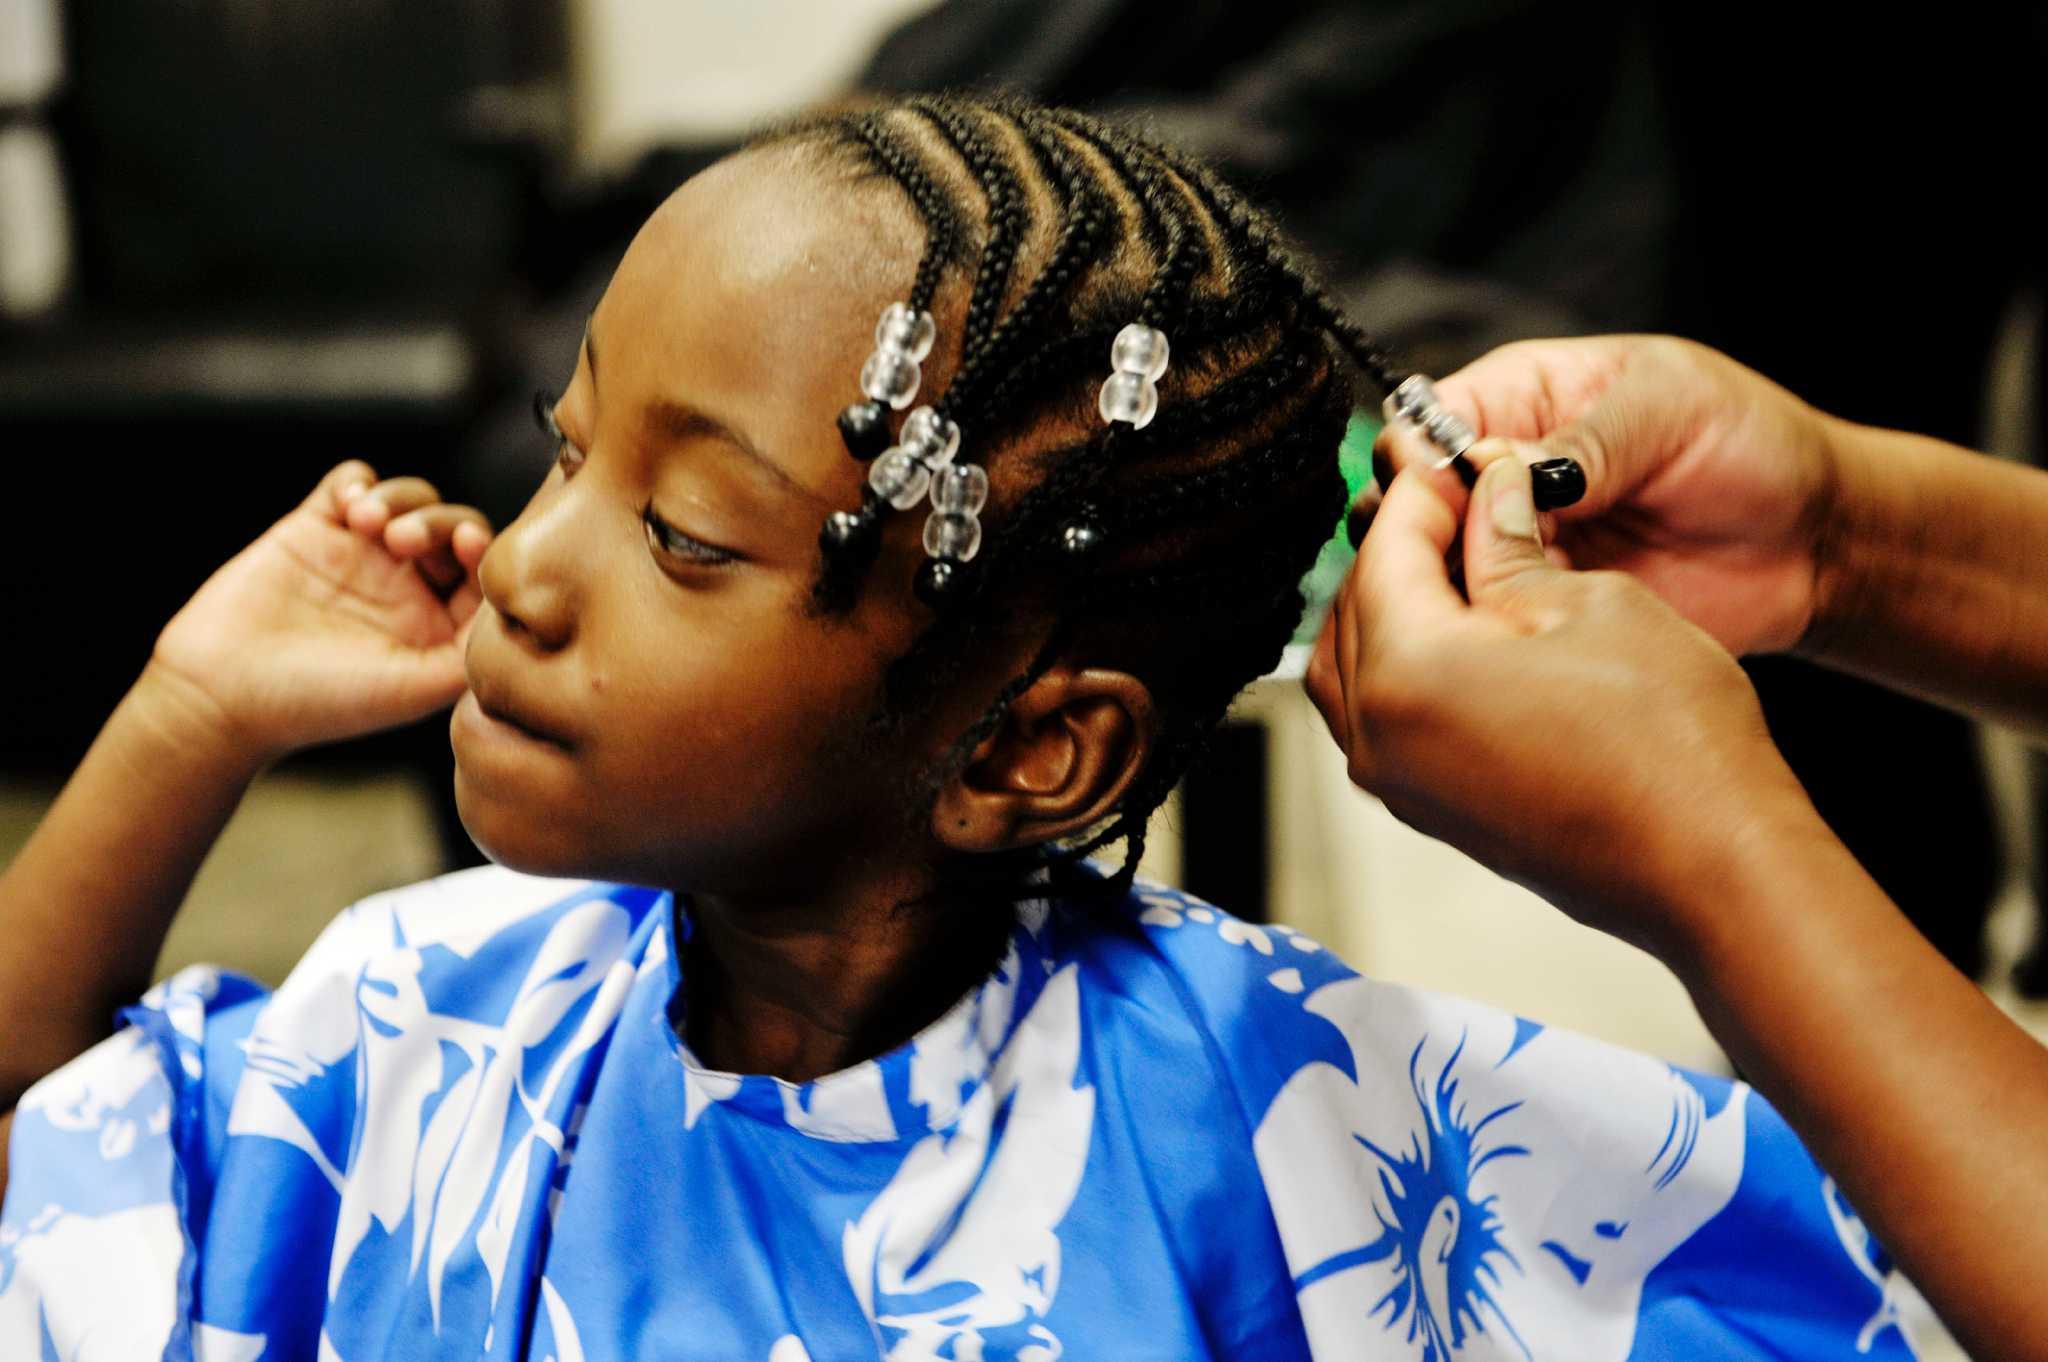 Five Dollar Haircut 2187945 Darkfallonlinefo